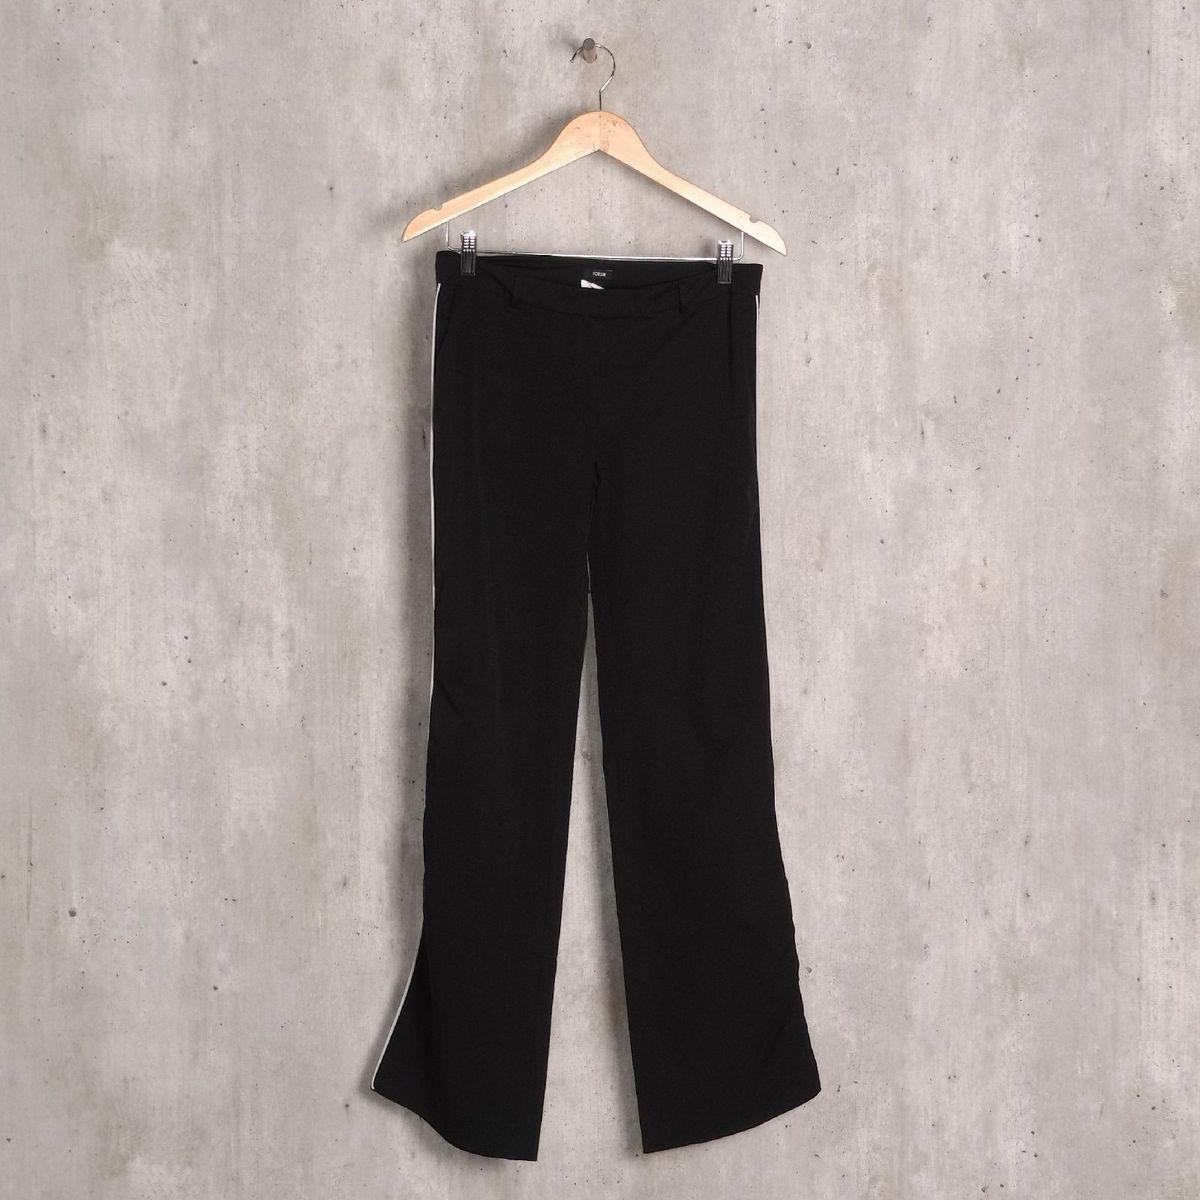 calça preta reta forum - calças forum